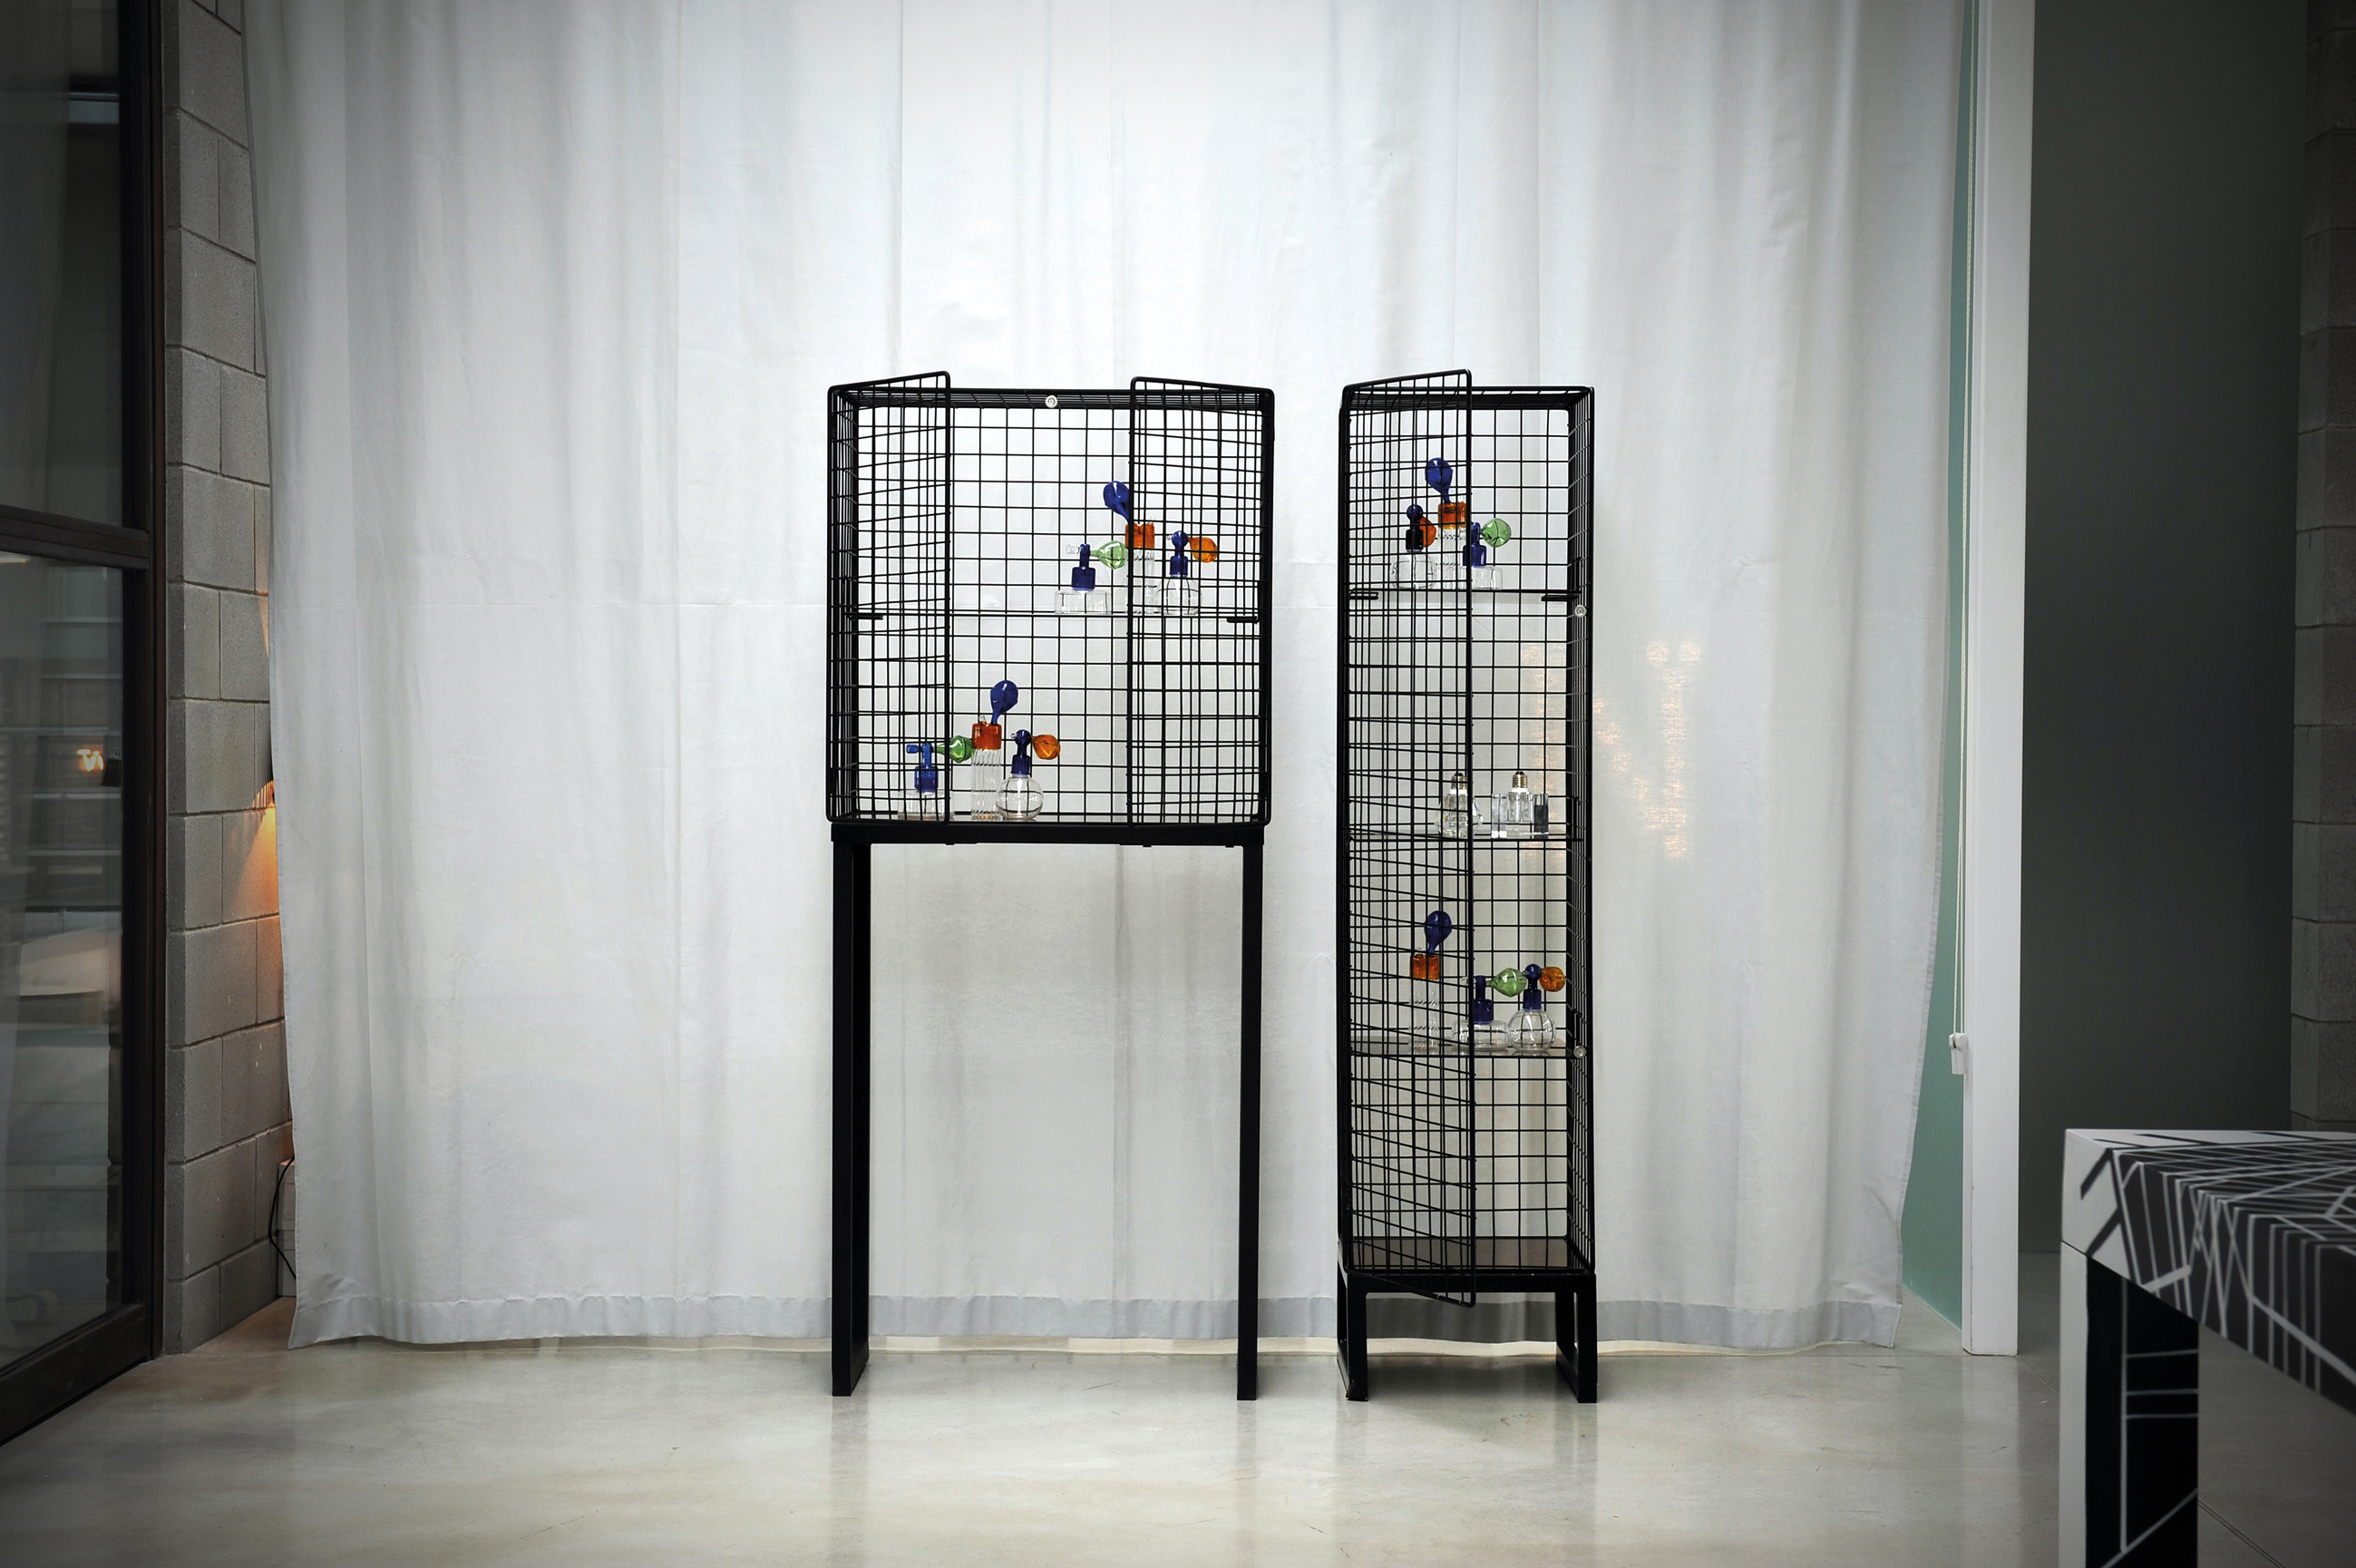 Ikea Schrank Mit Gittertür – Geschichte von zu Hause aus